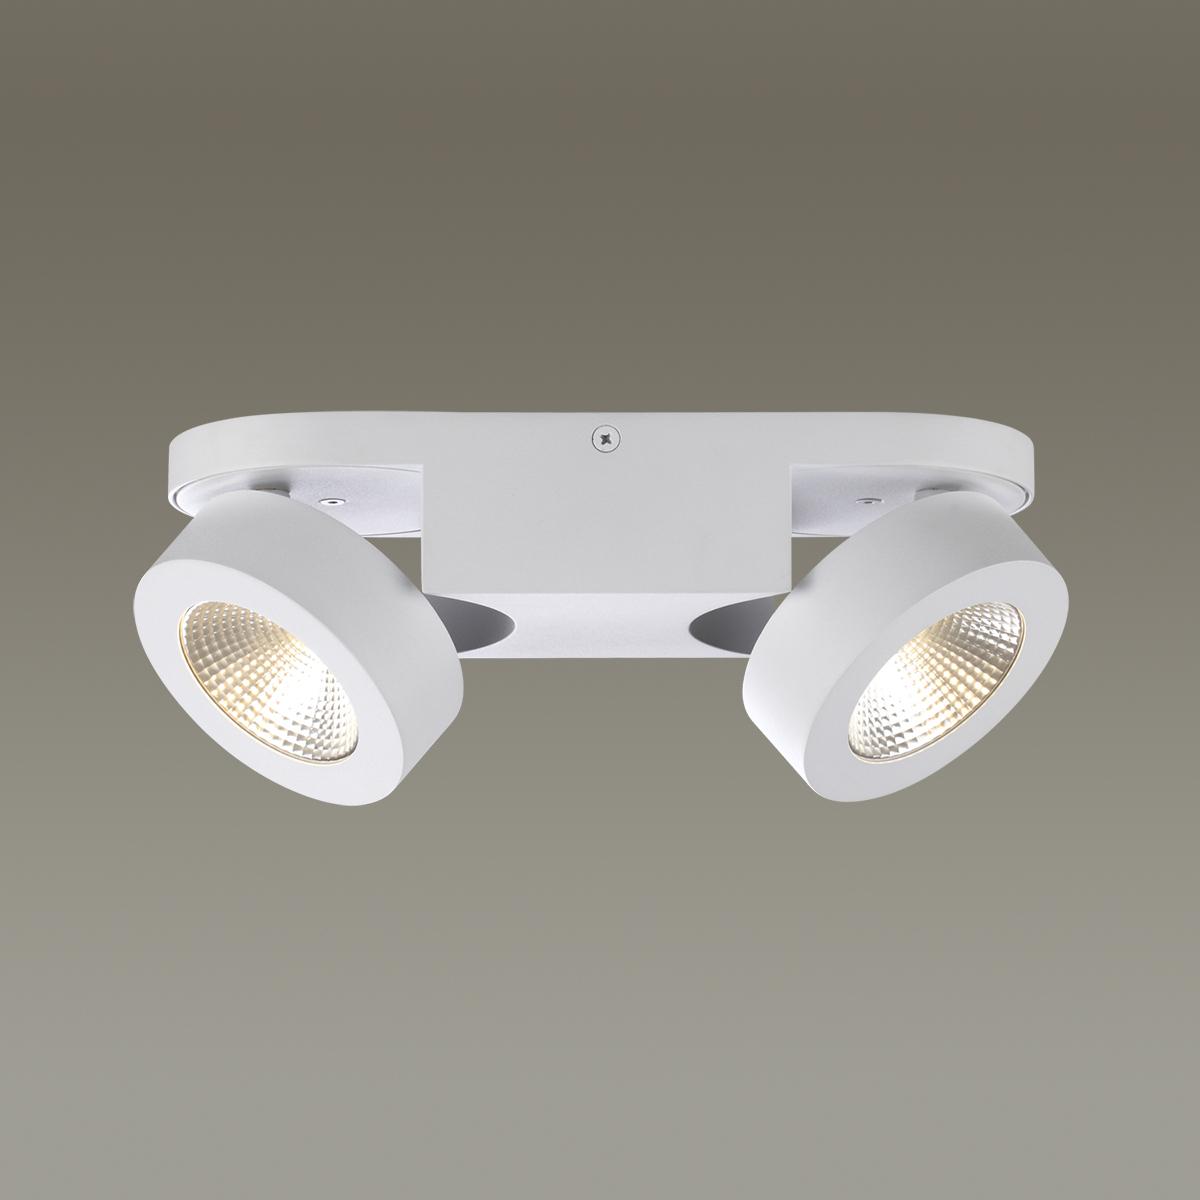 Потолочный светодиодный светильник с регулировкой направления света Odeon Light Laconis 3538/2WA 3000K (теплый), белый, металл - фото 1